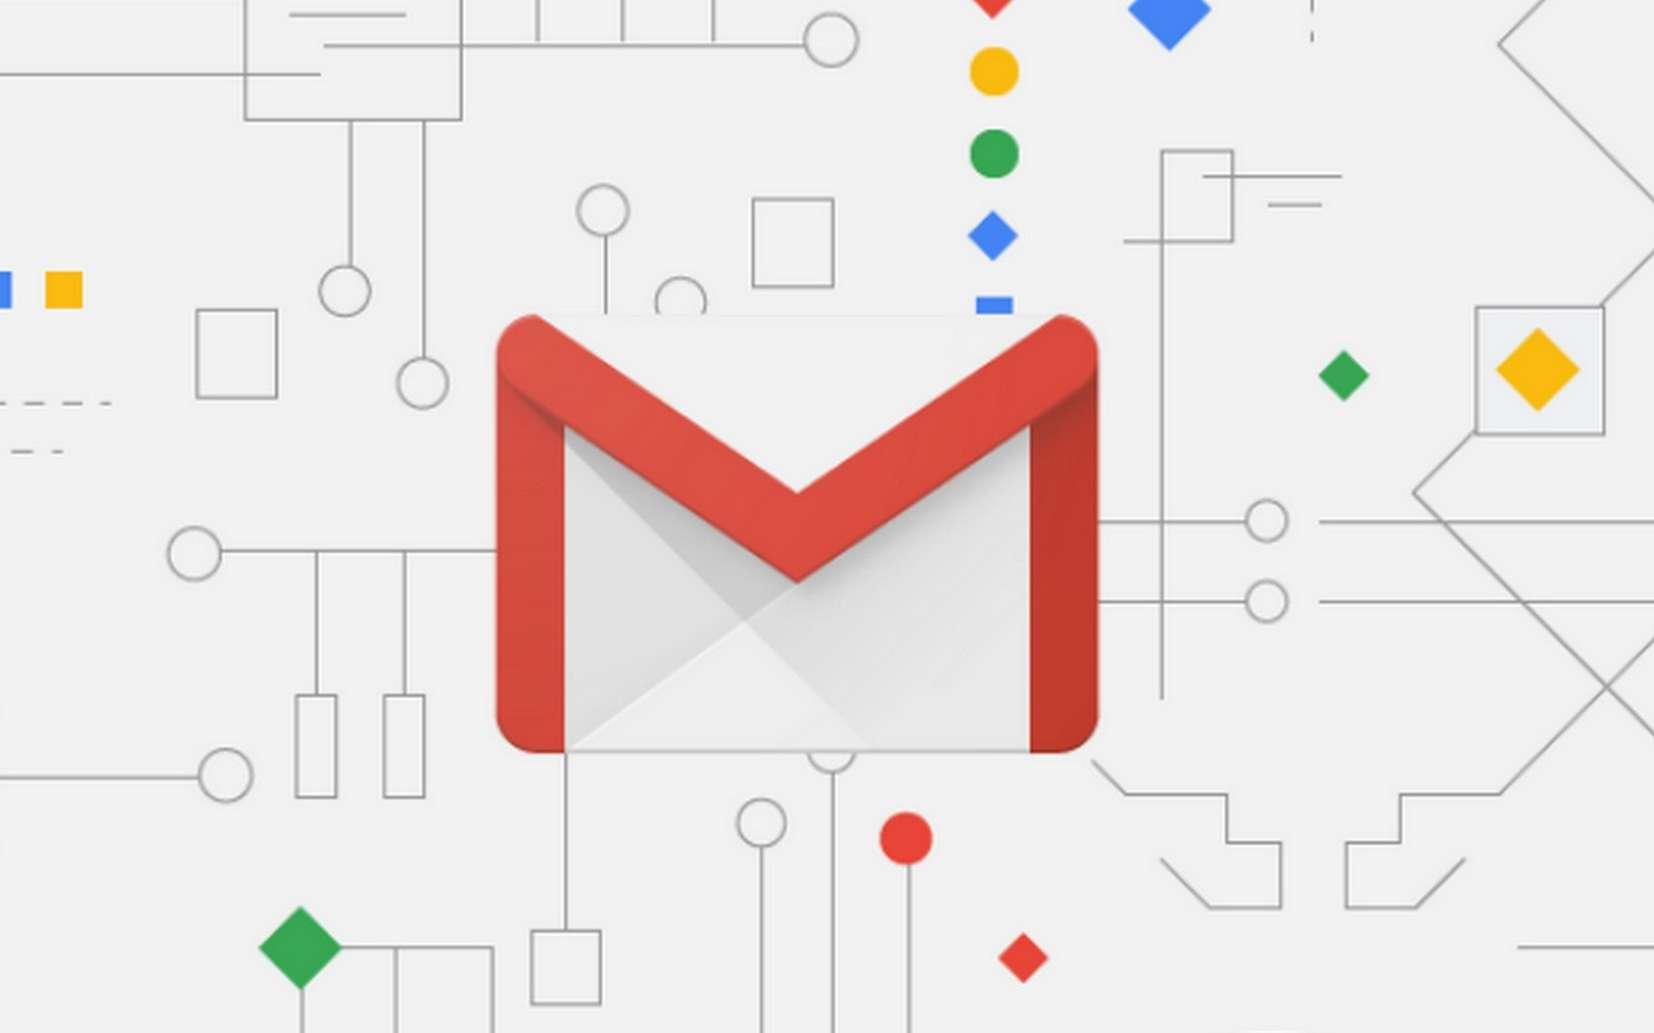 La nouvelle interface de GMail a un design aux contours plus arrondis. © Google